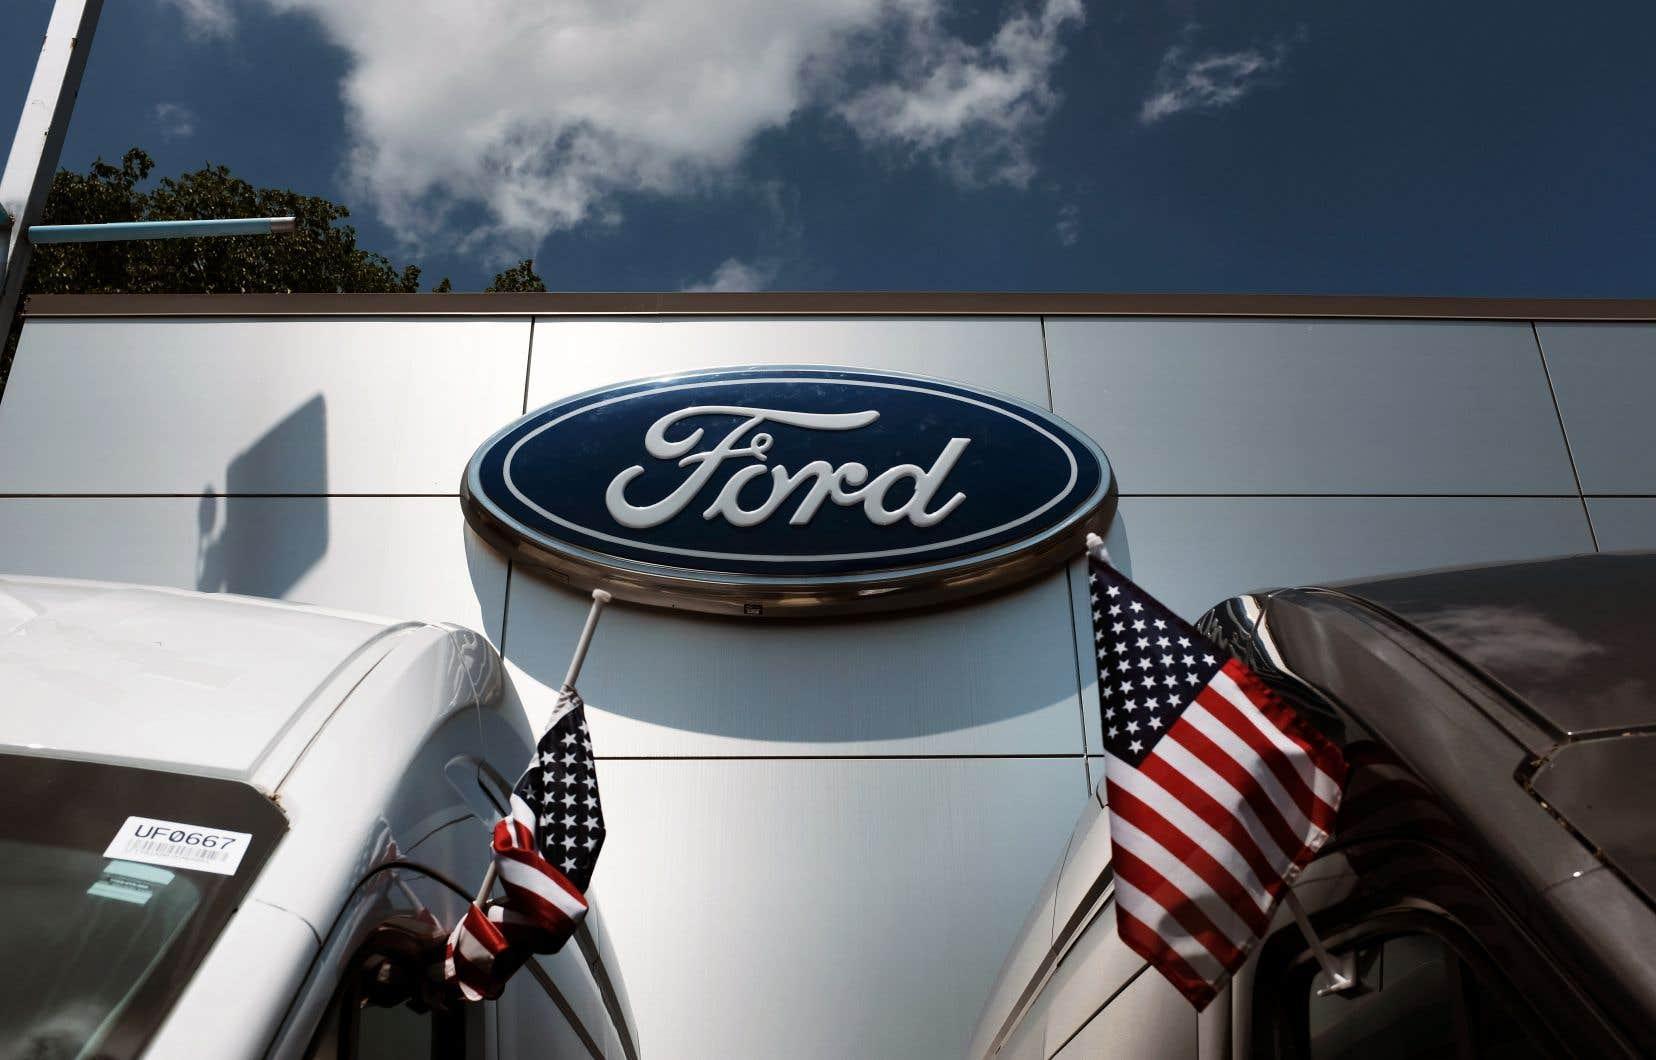 Les États-Unis et le Canada font partie de la liste des pays touchés par cette annonce de Ford. Le détail des postes abolis n'a pas été précisé par la multinationale